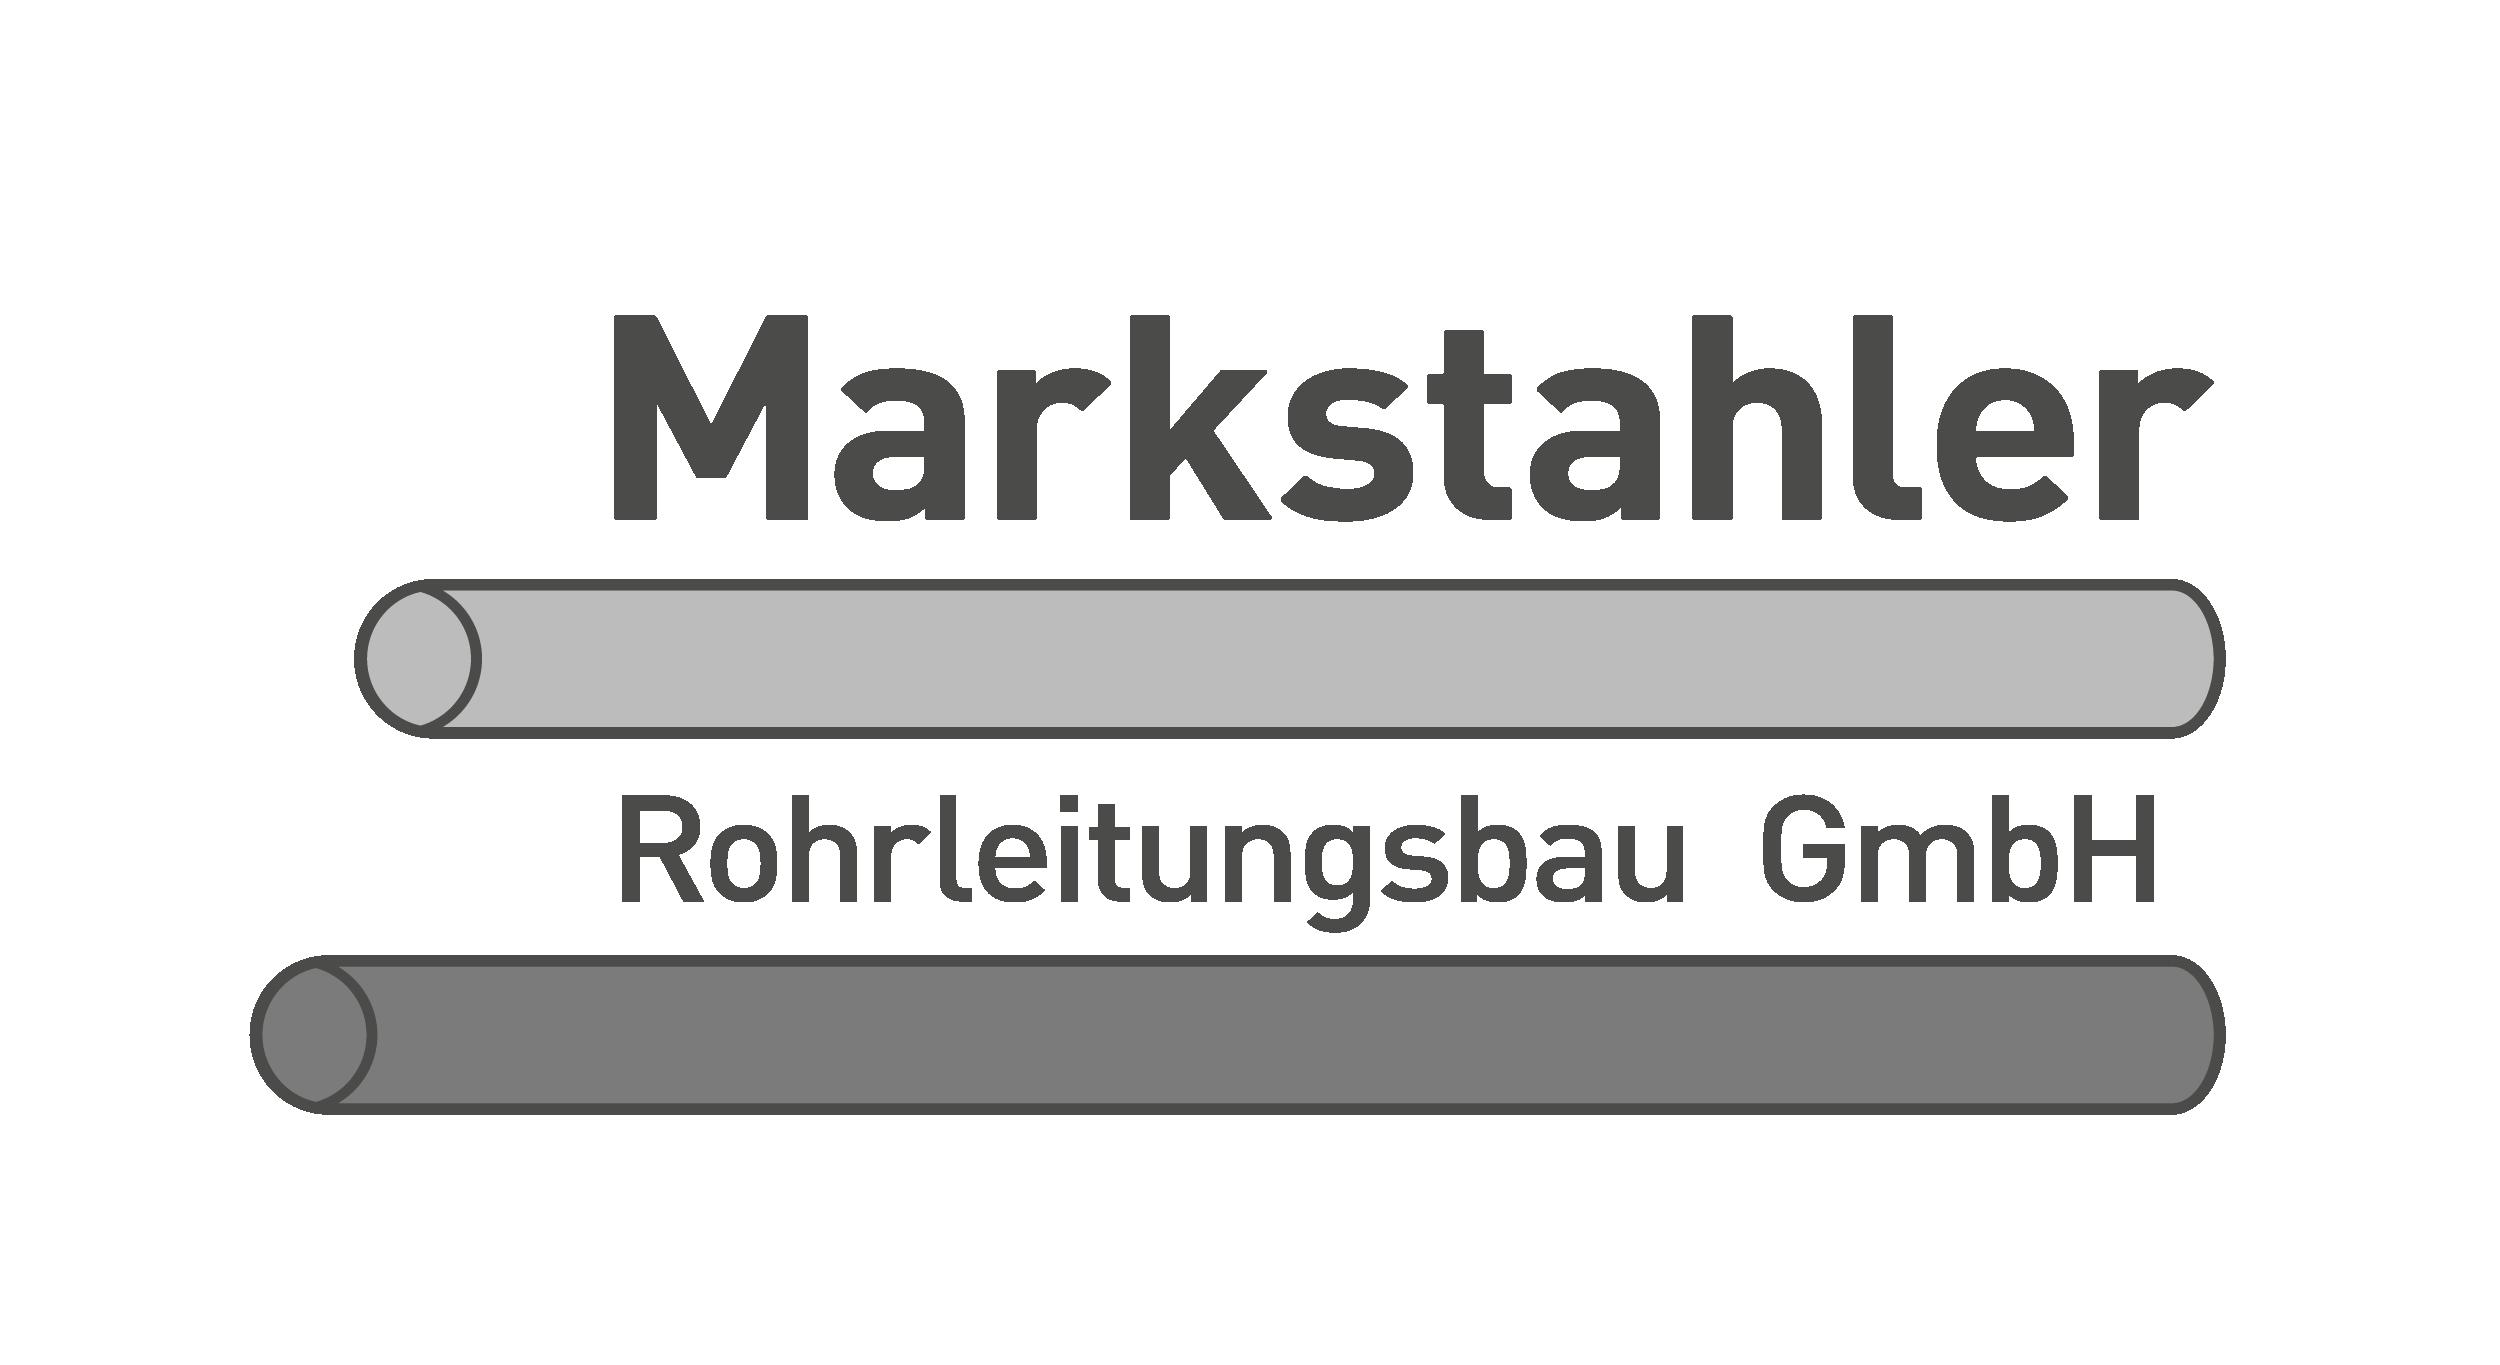 Ref logo markstahler